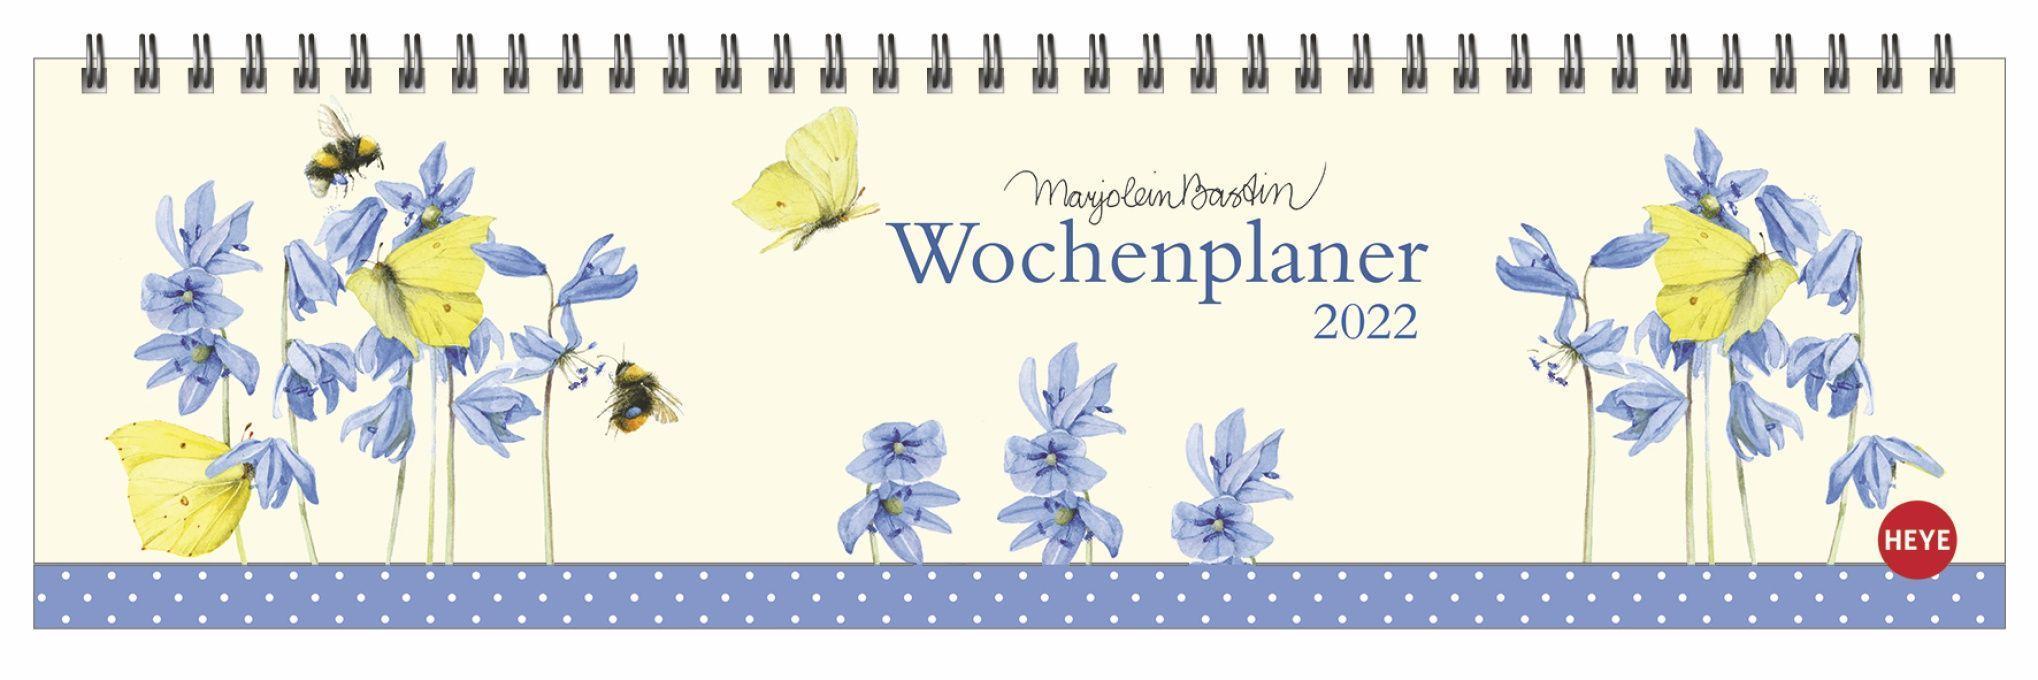 Marjolein Bastin: Wochenquerplaner Kalender 2022